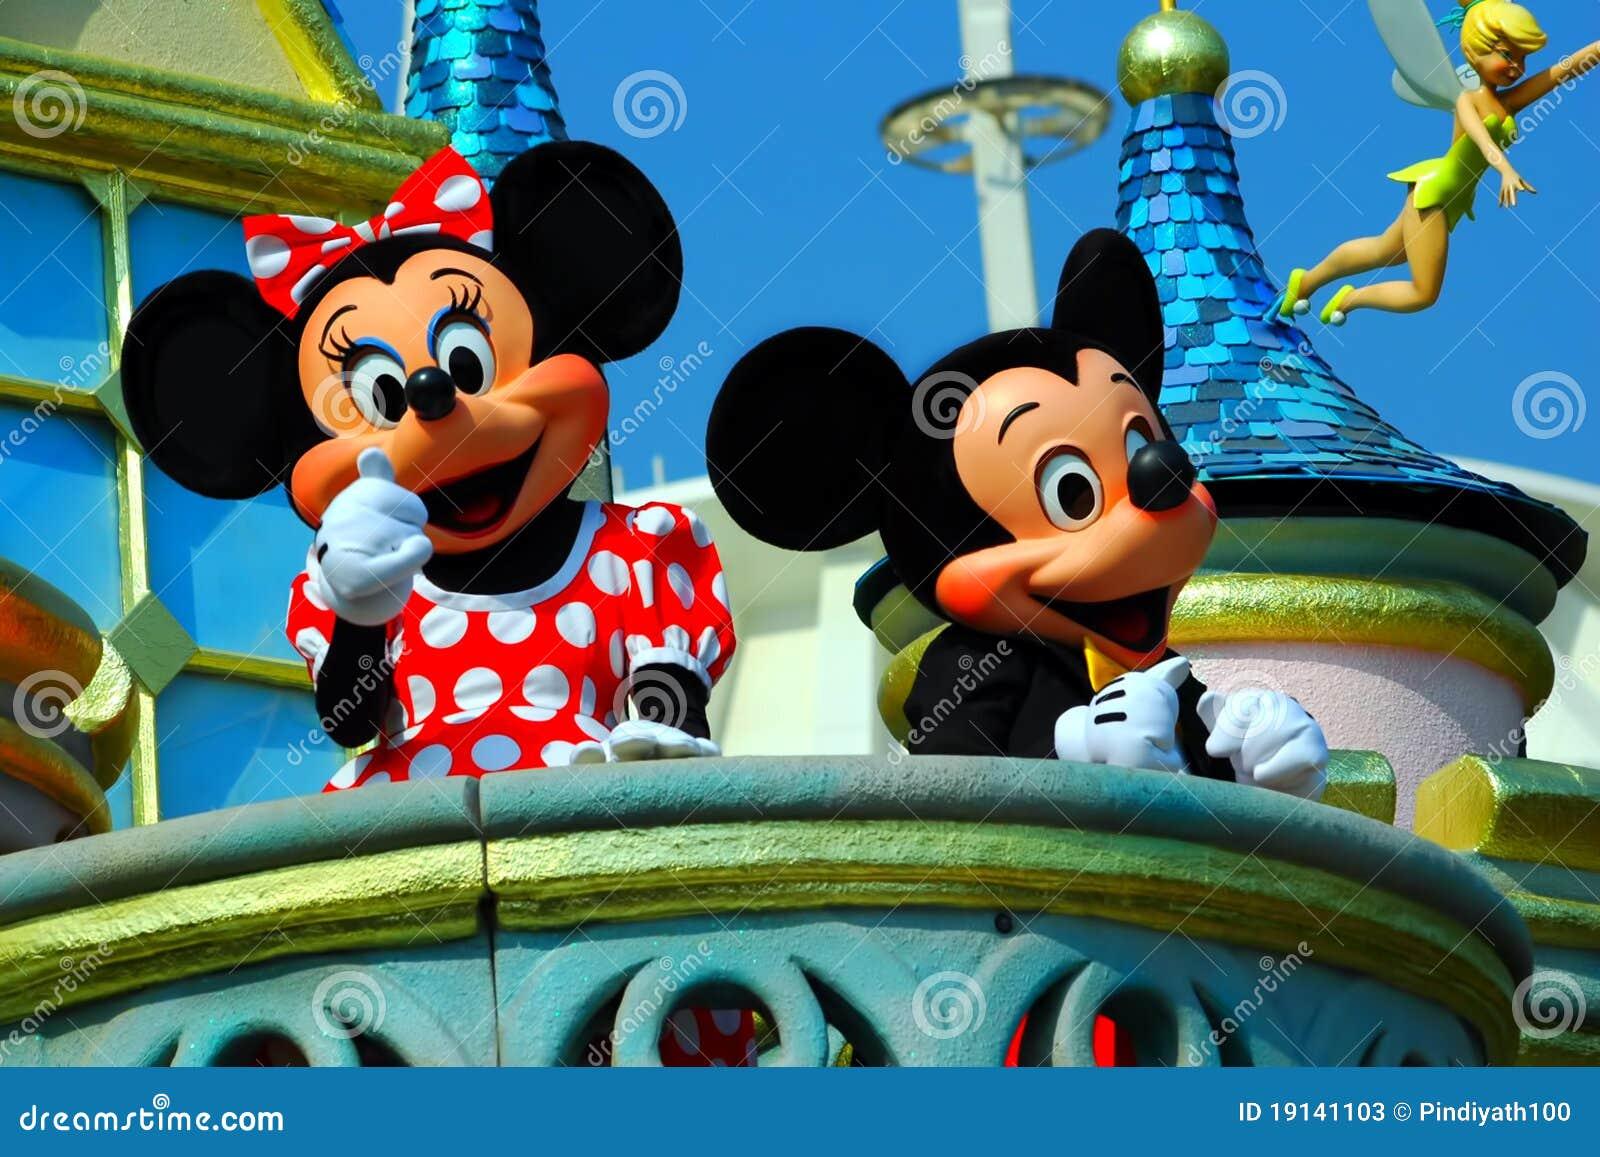 Mickey und minnie Maus